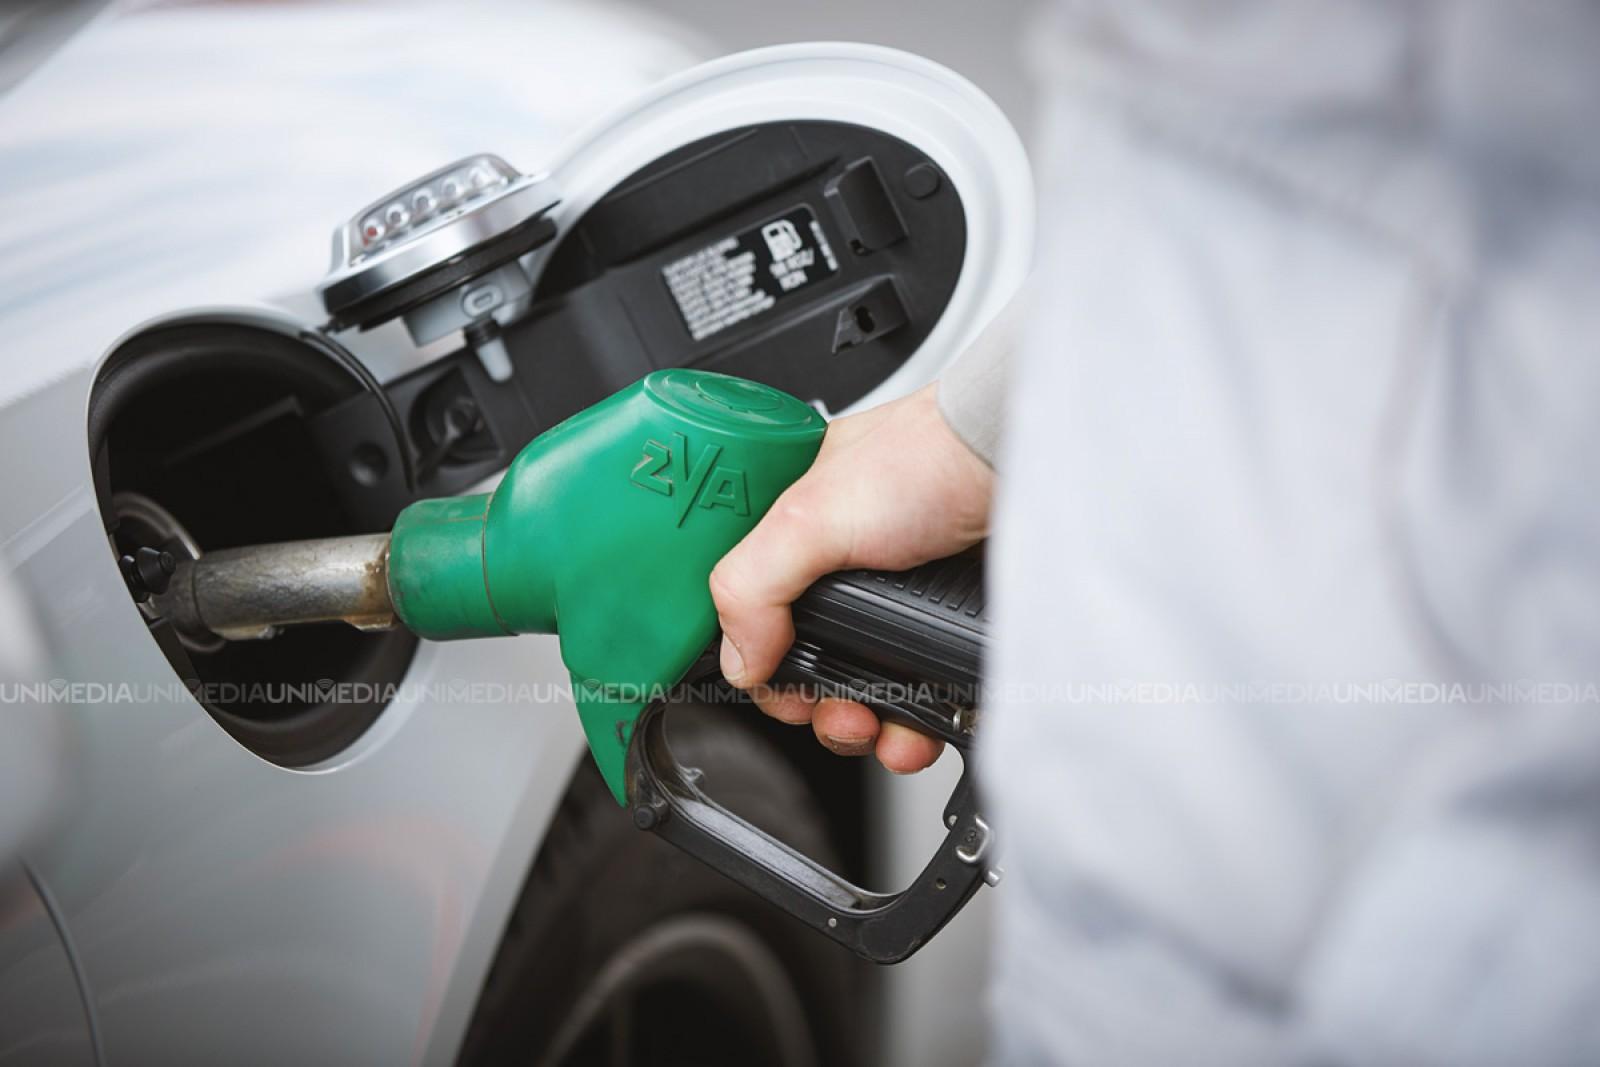 ANRE a anunțat noile prețuri plafon: Benzina se ieftinește cu un ban, iar motorina se scumpește cu 19 bani